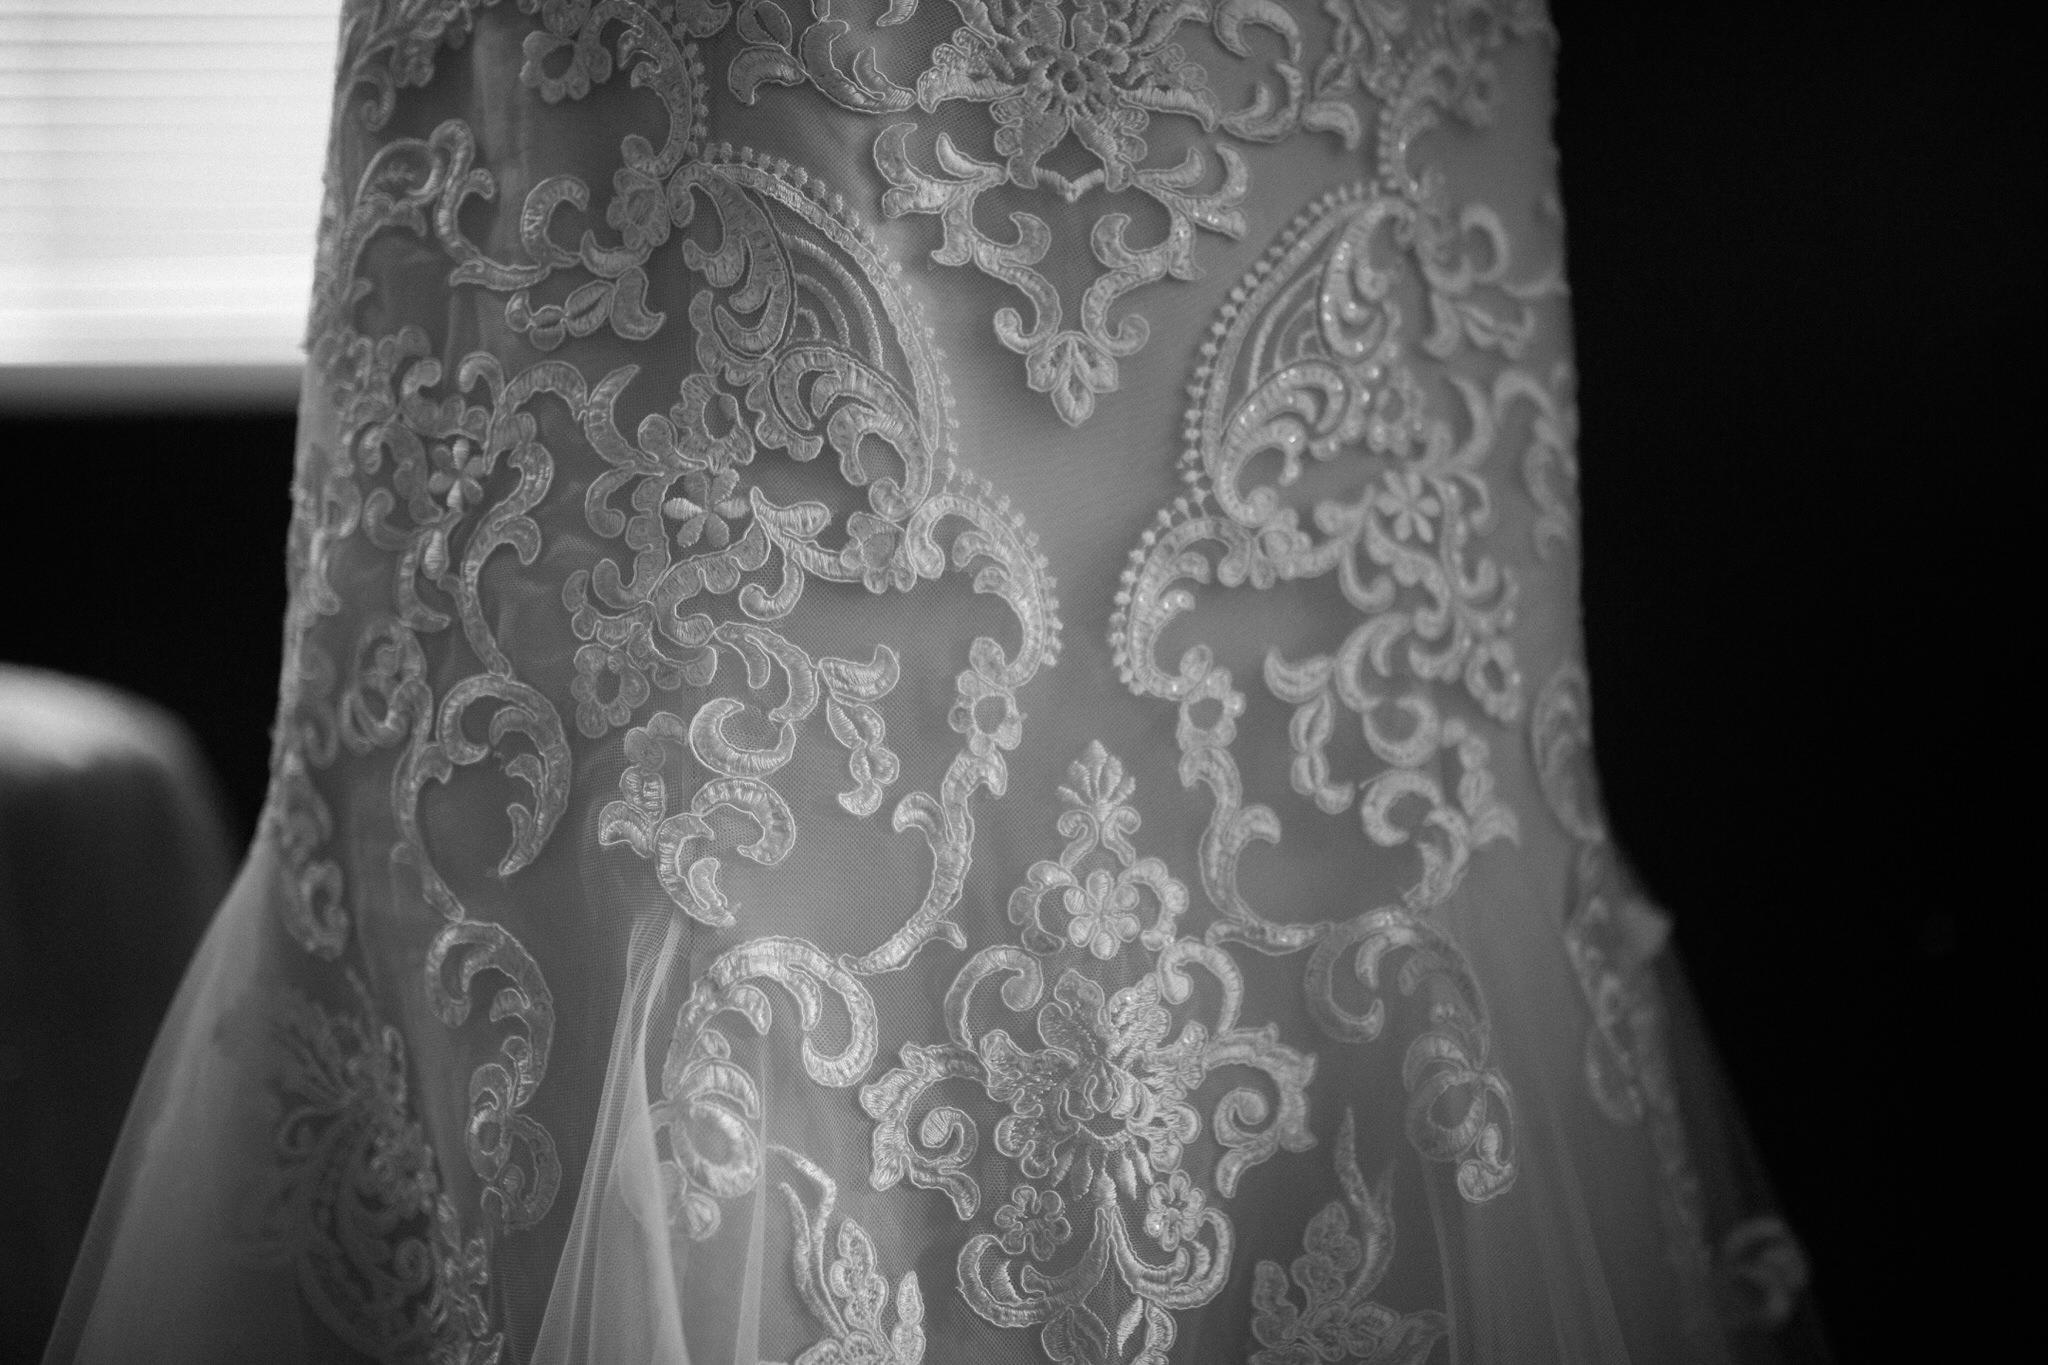 Brock Street Brewing Co. Wedding - dress details